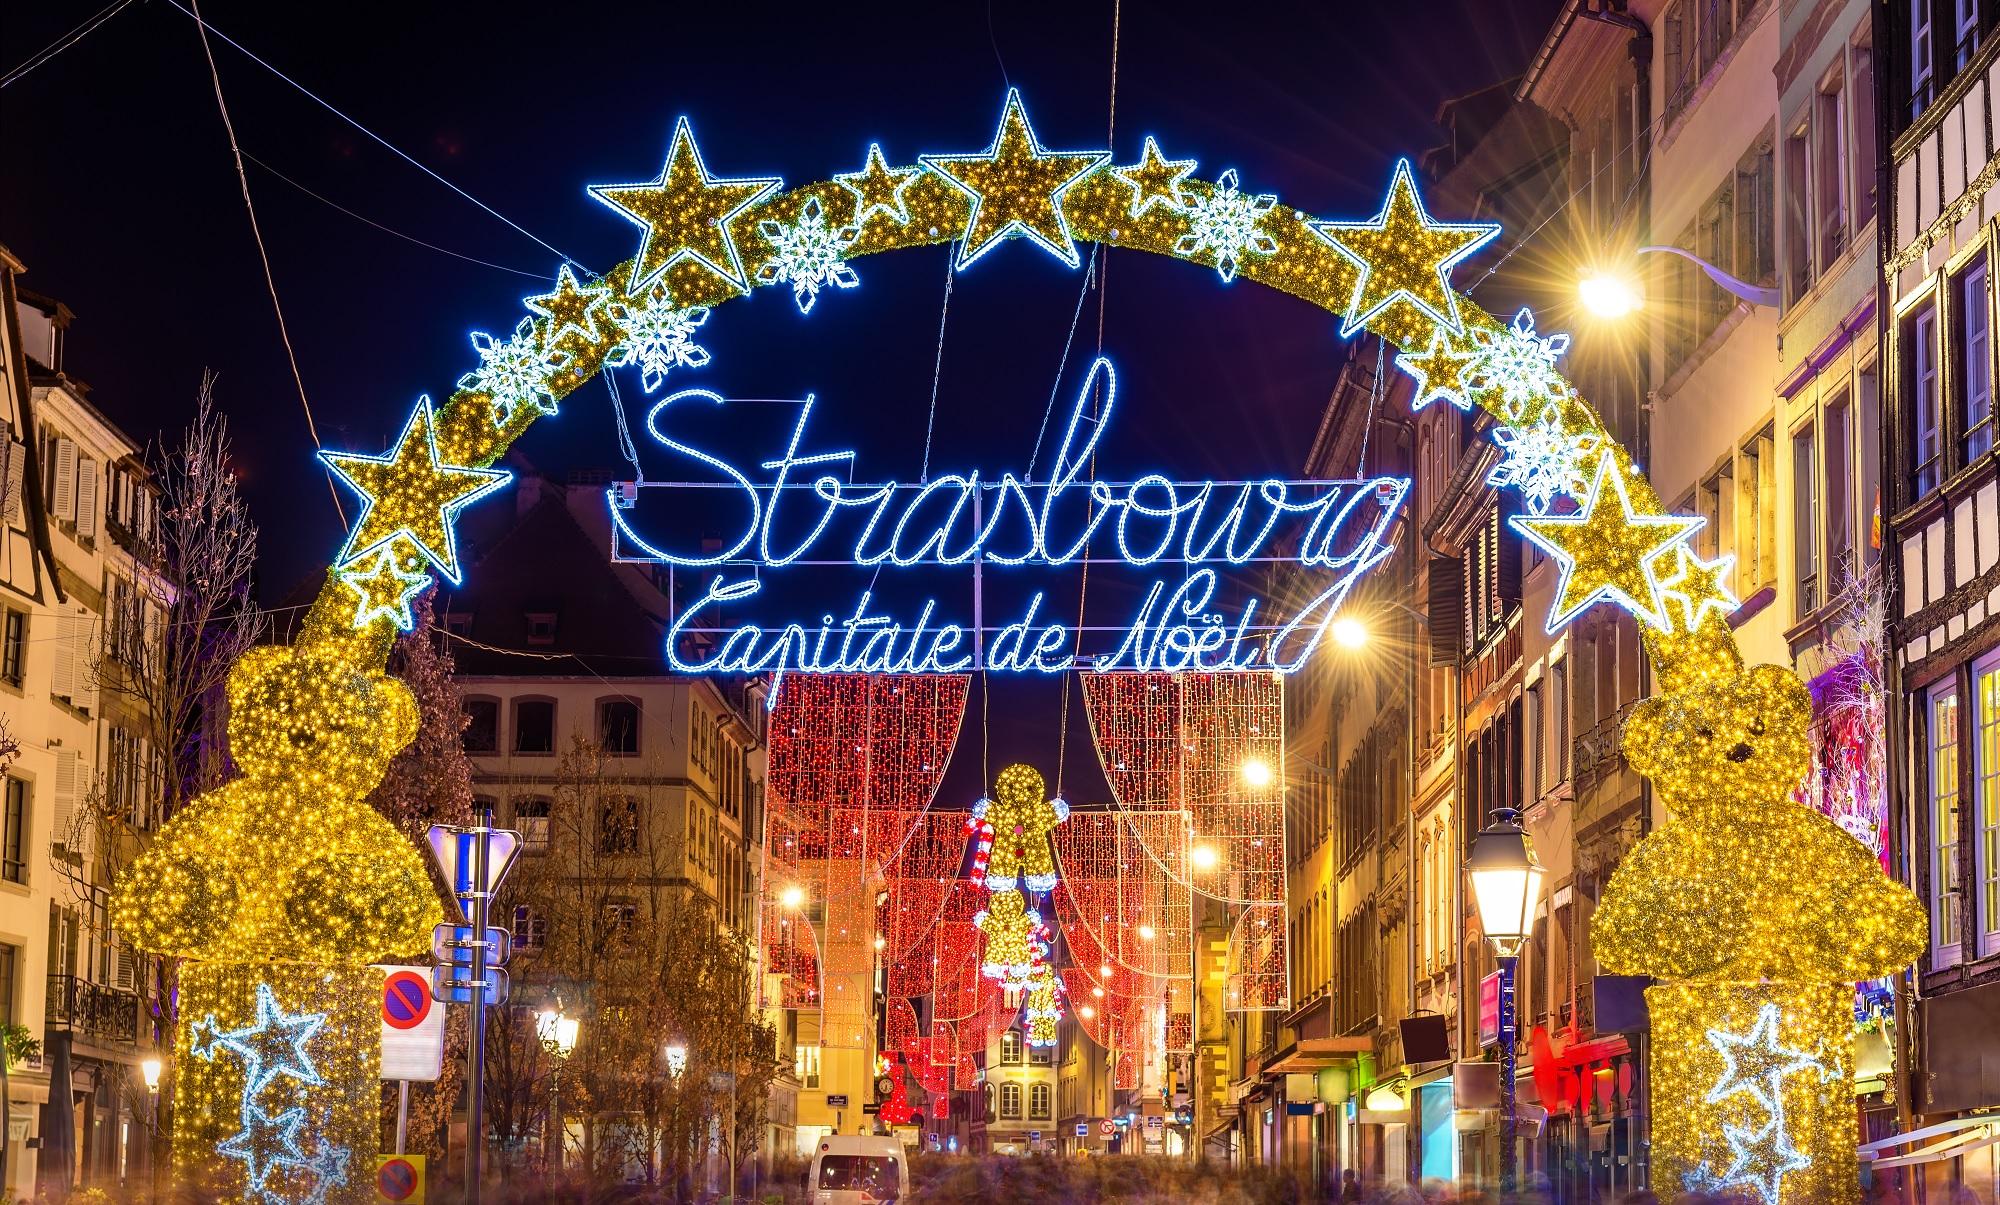 данное рождество в страсбурге фото подобранные изображения